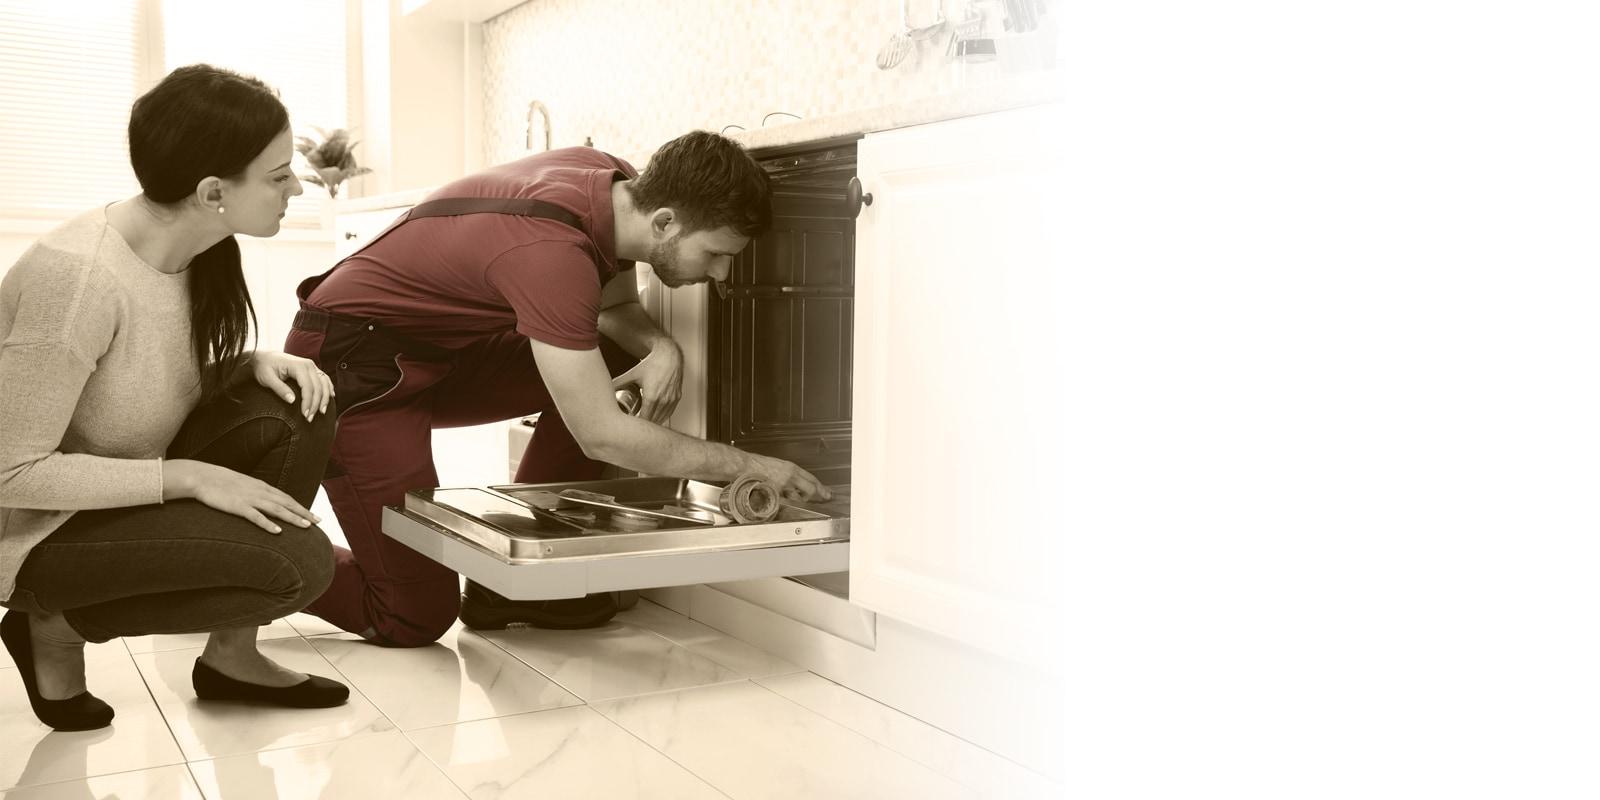 Ingyenes<br>karbantartás<br>LG mosogatógépére1